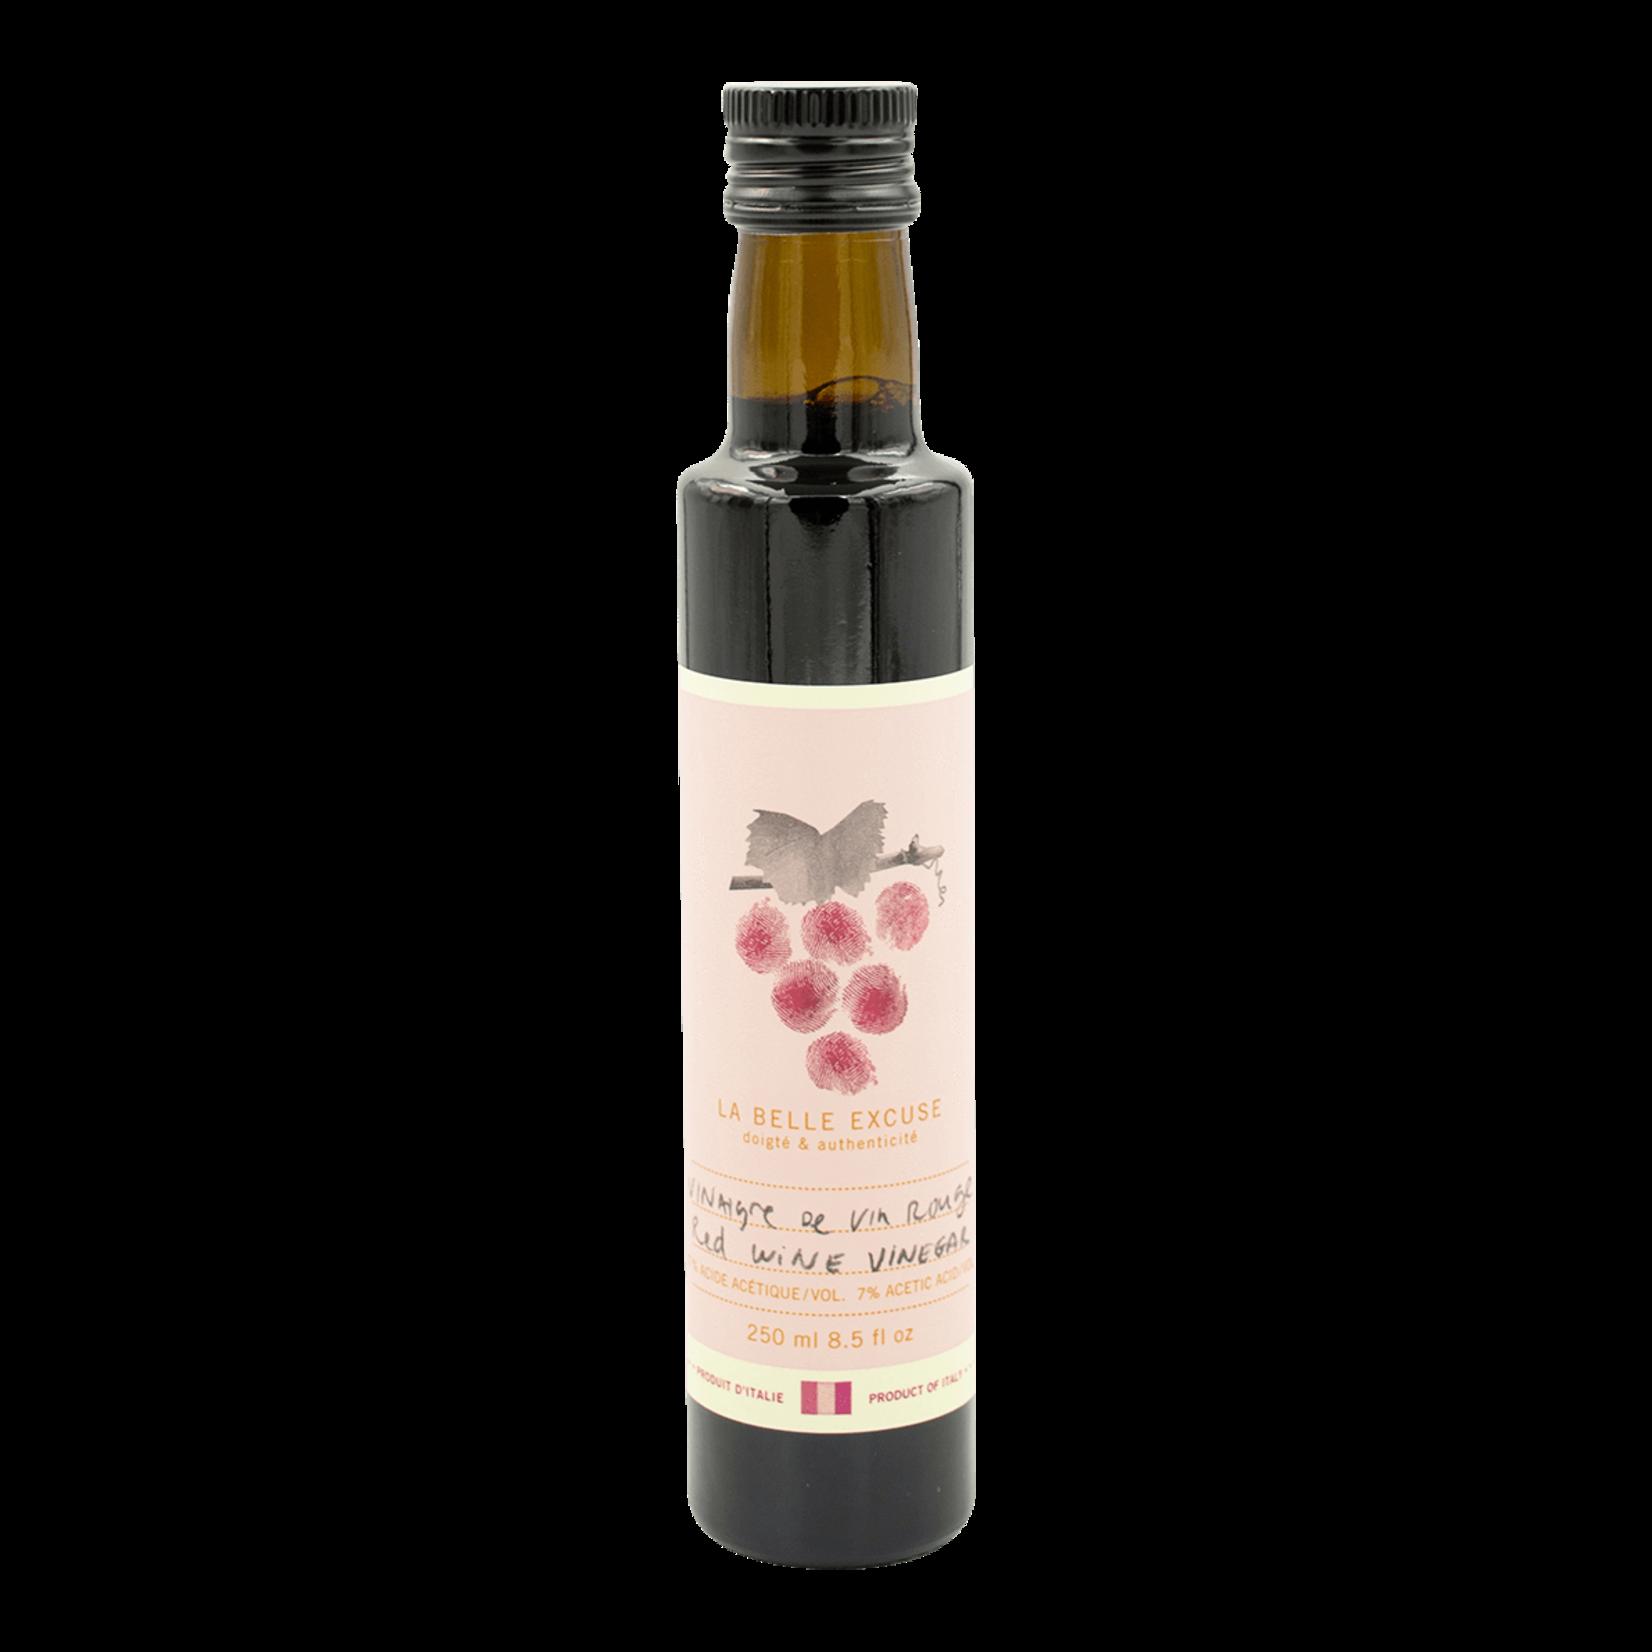 La belle excuse Vinaigre de vin rouge 250ml